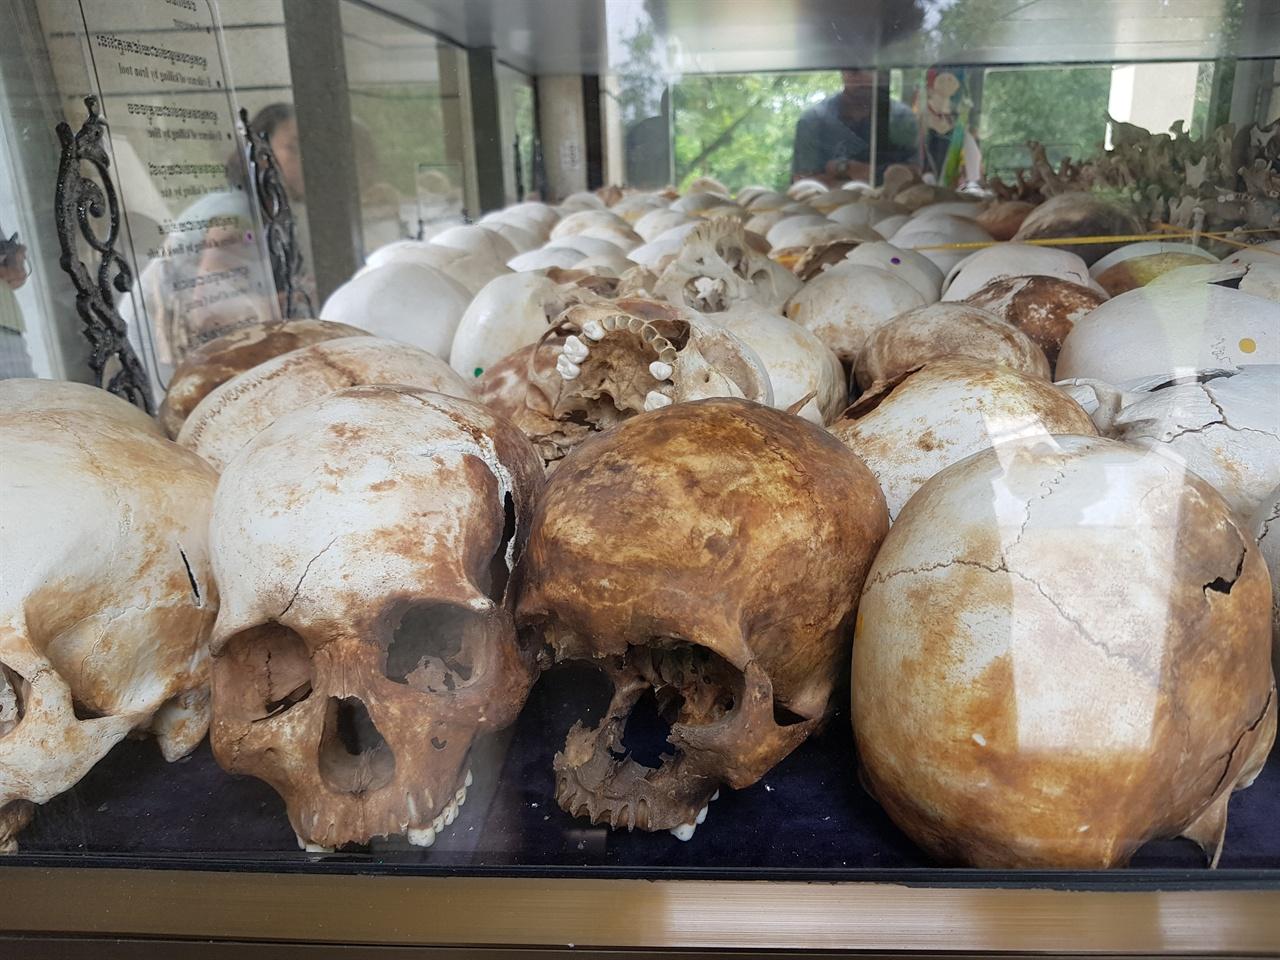 다크투어리즘의 성지로 불리는 캄보디아 쯩아익 집단학살센터